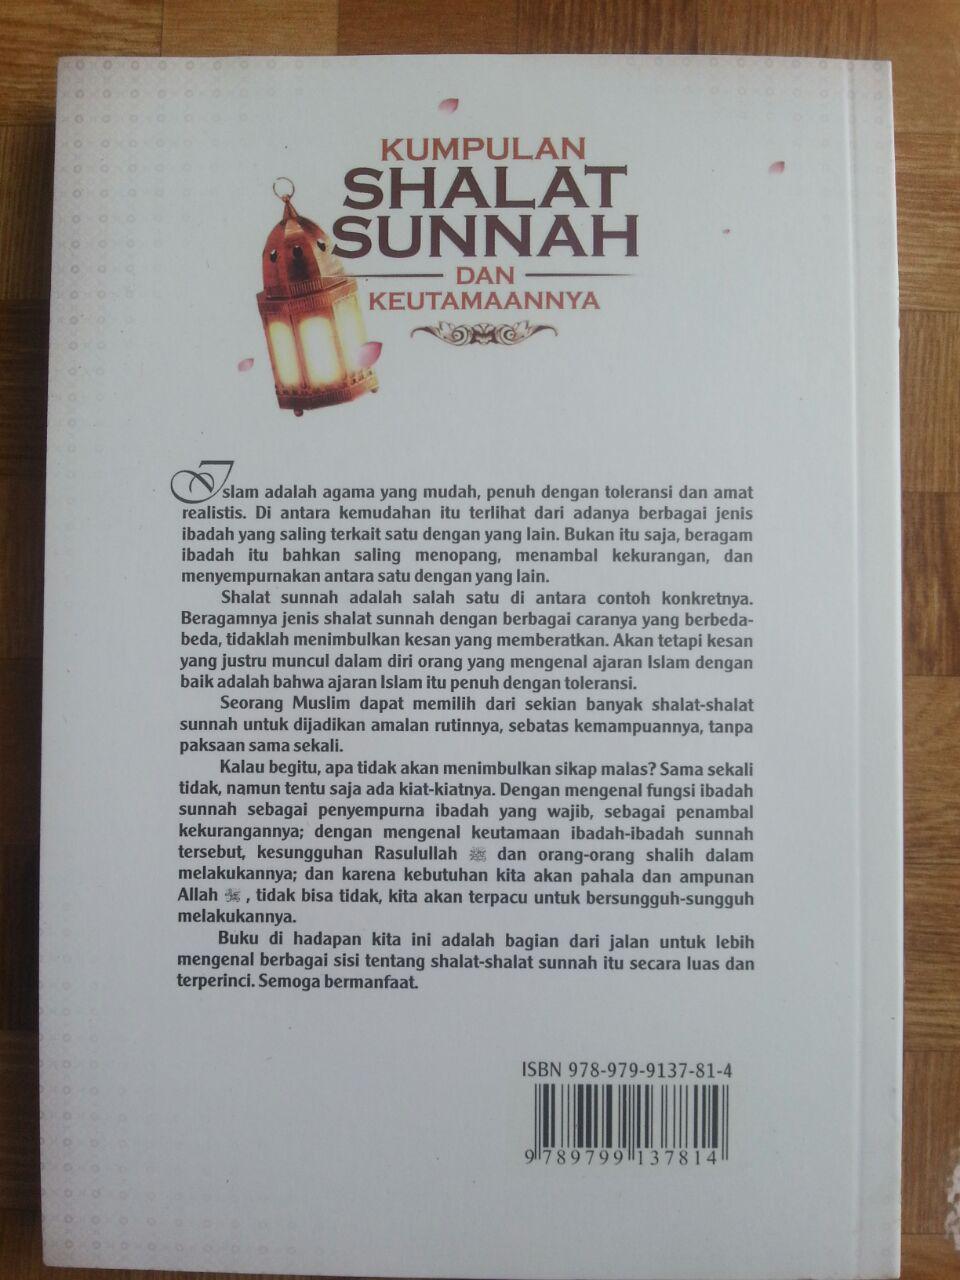 Buku Kumpulan Shalat Sunnah Dan Keutamaannya cover